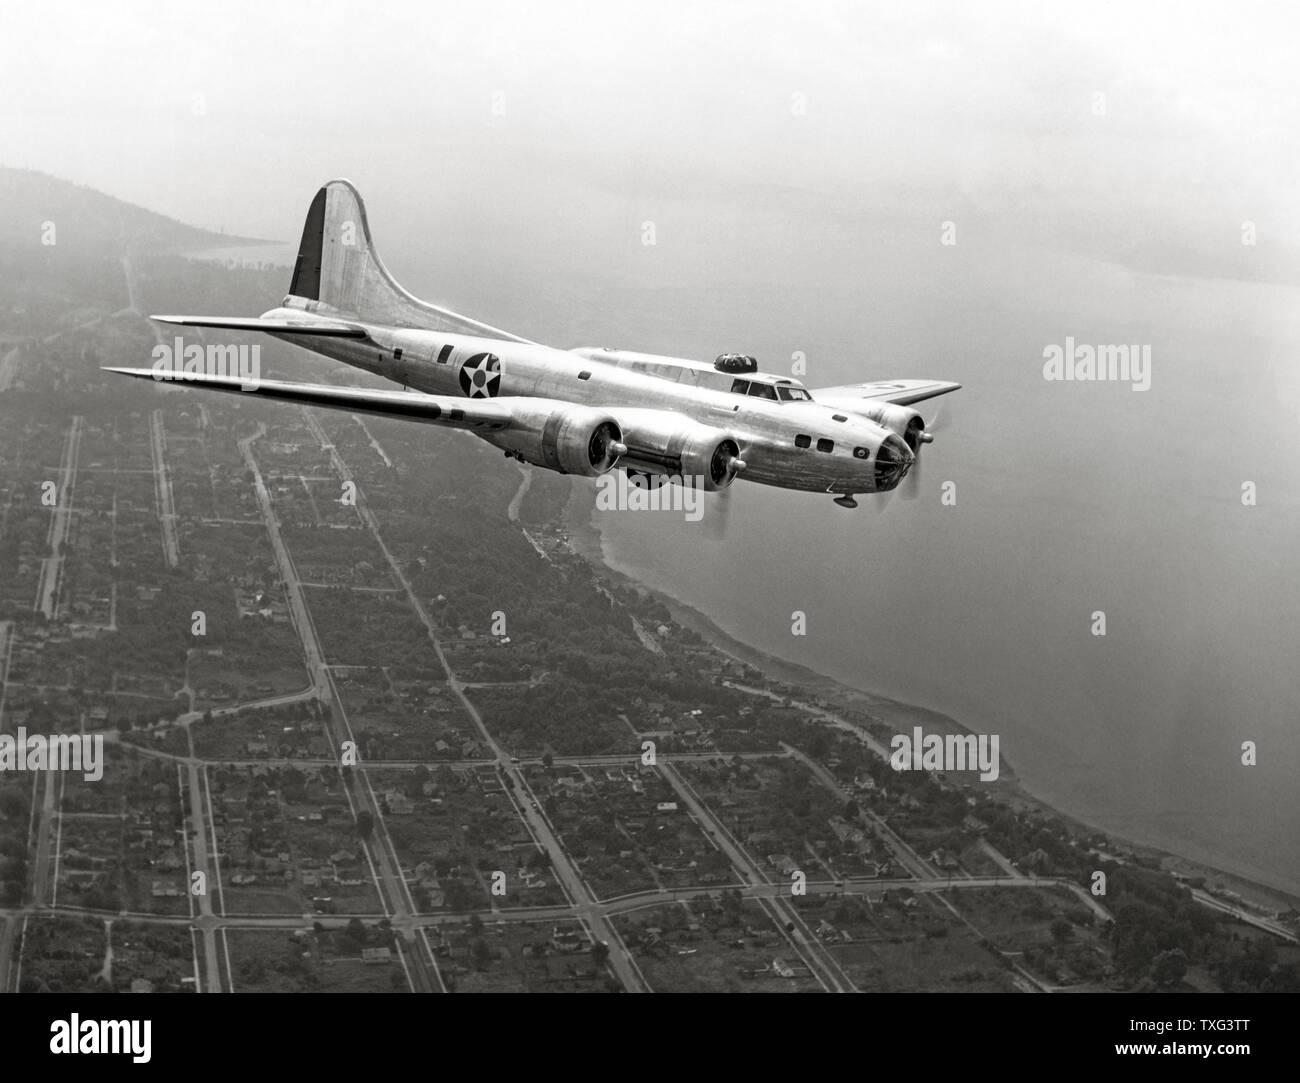 Servicing A New B-17F